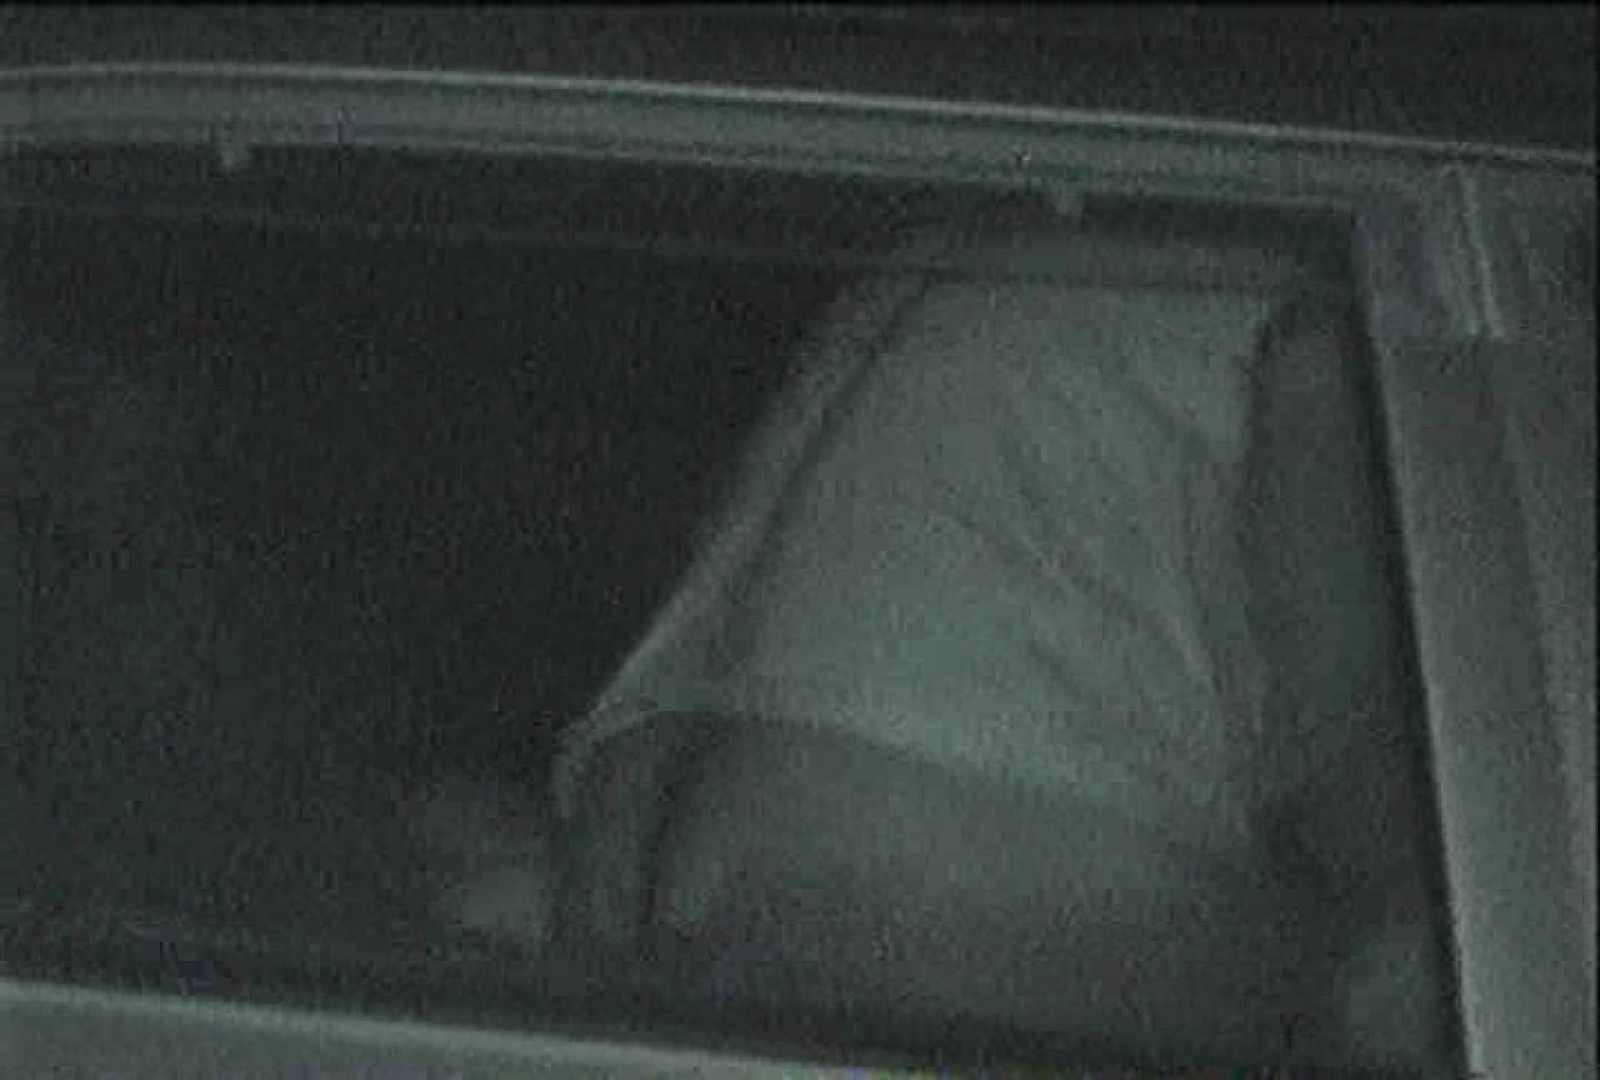 充血監督の深夜の運動会Vol.79 おまんこ | 美しいOLの裸体  91pic 17